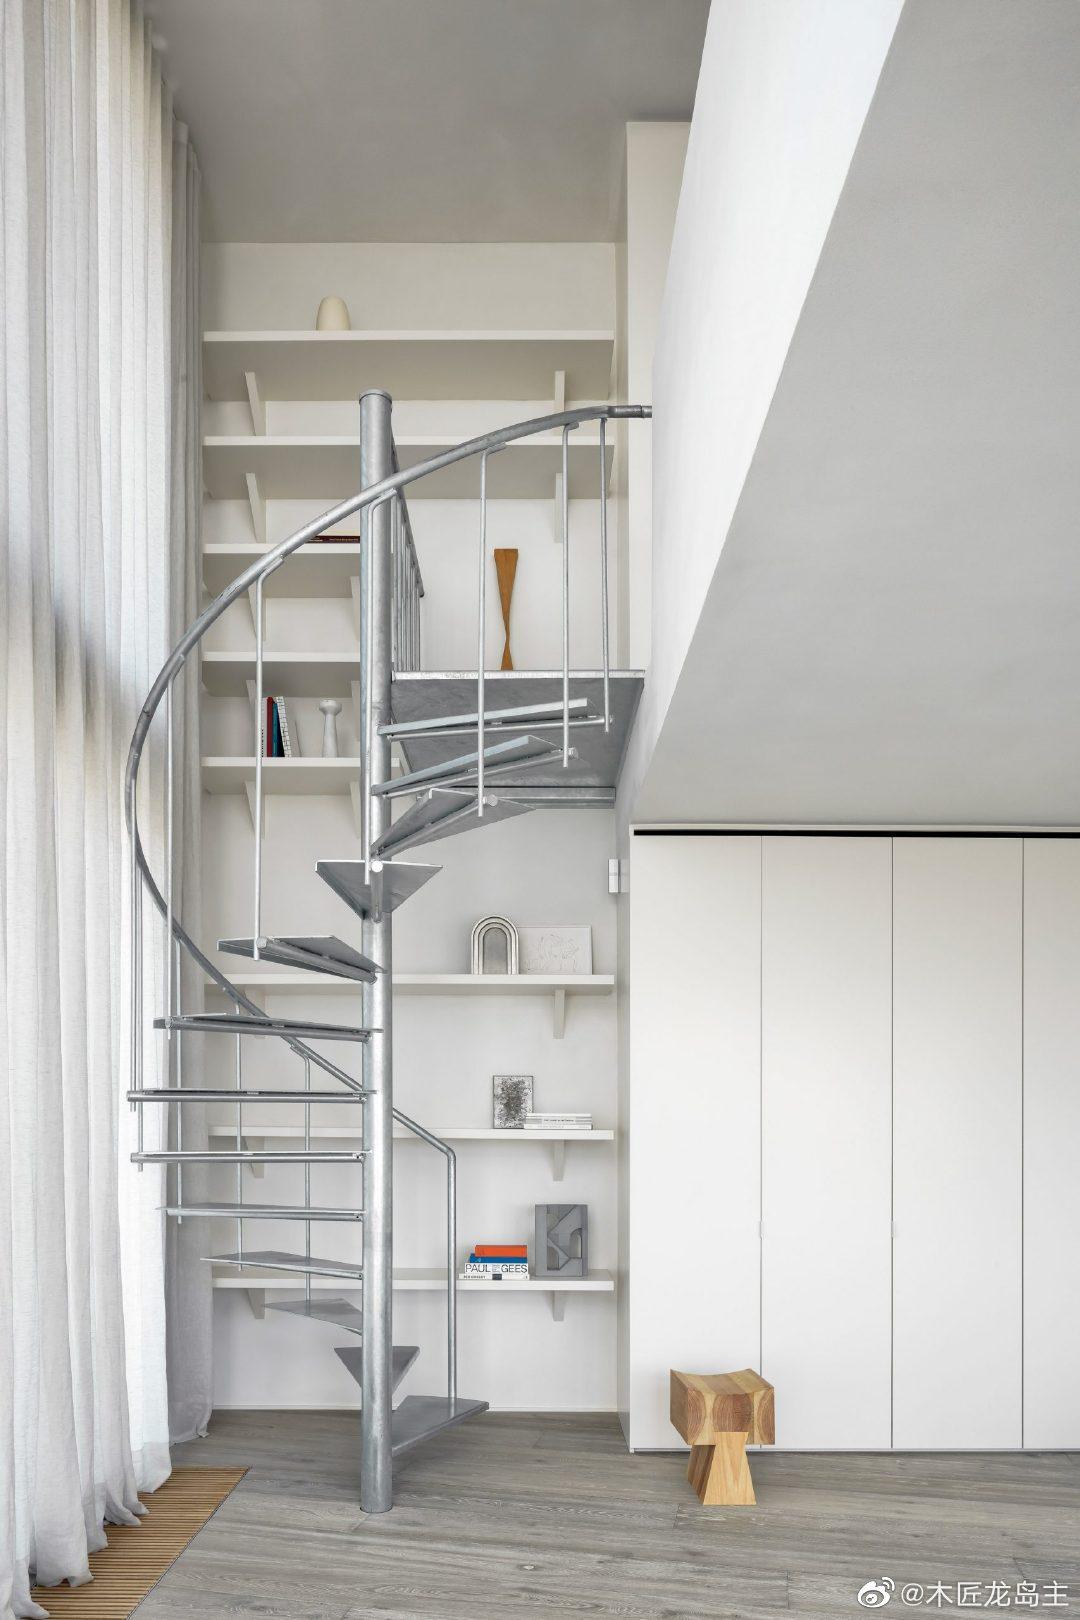 比利时海岸的公寓平衡了自然和工业材料 这座比利时公寓由当地建筑师